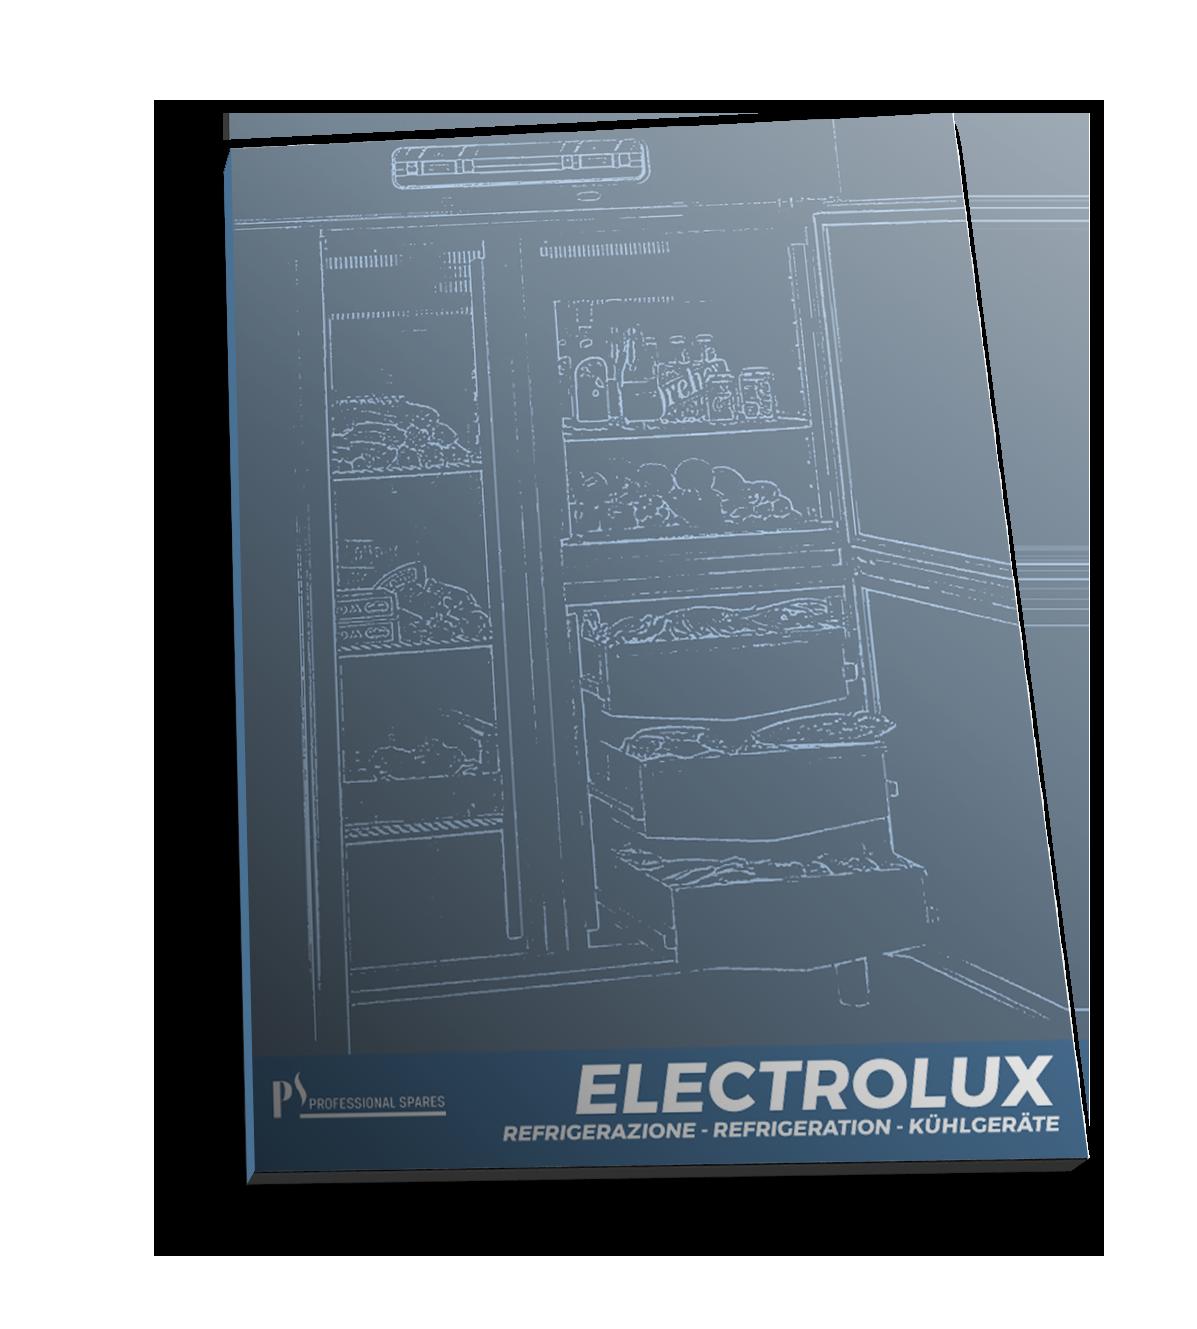 ELECTROLUX_REFRIGERAZIONE-catalogo